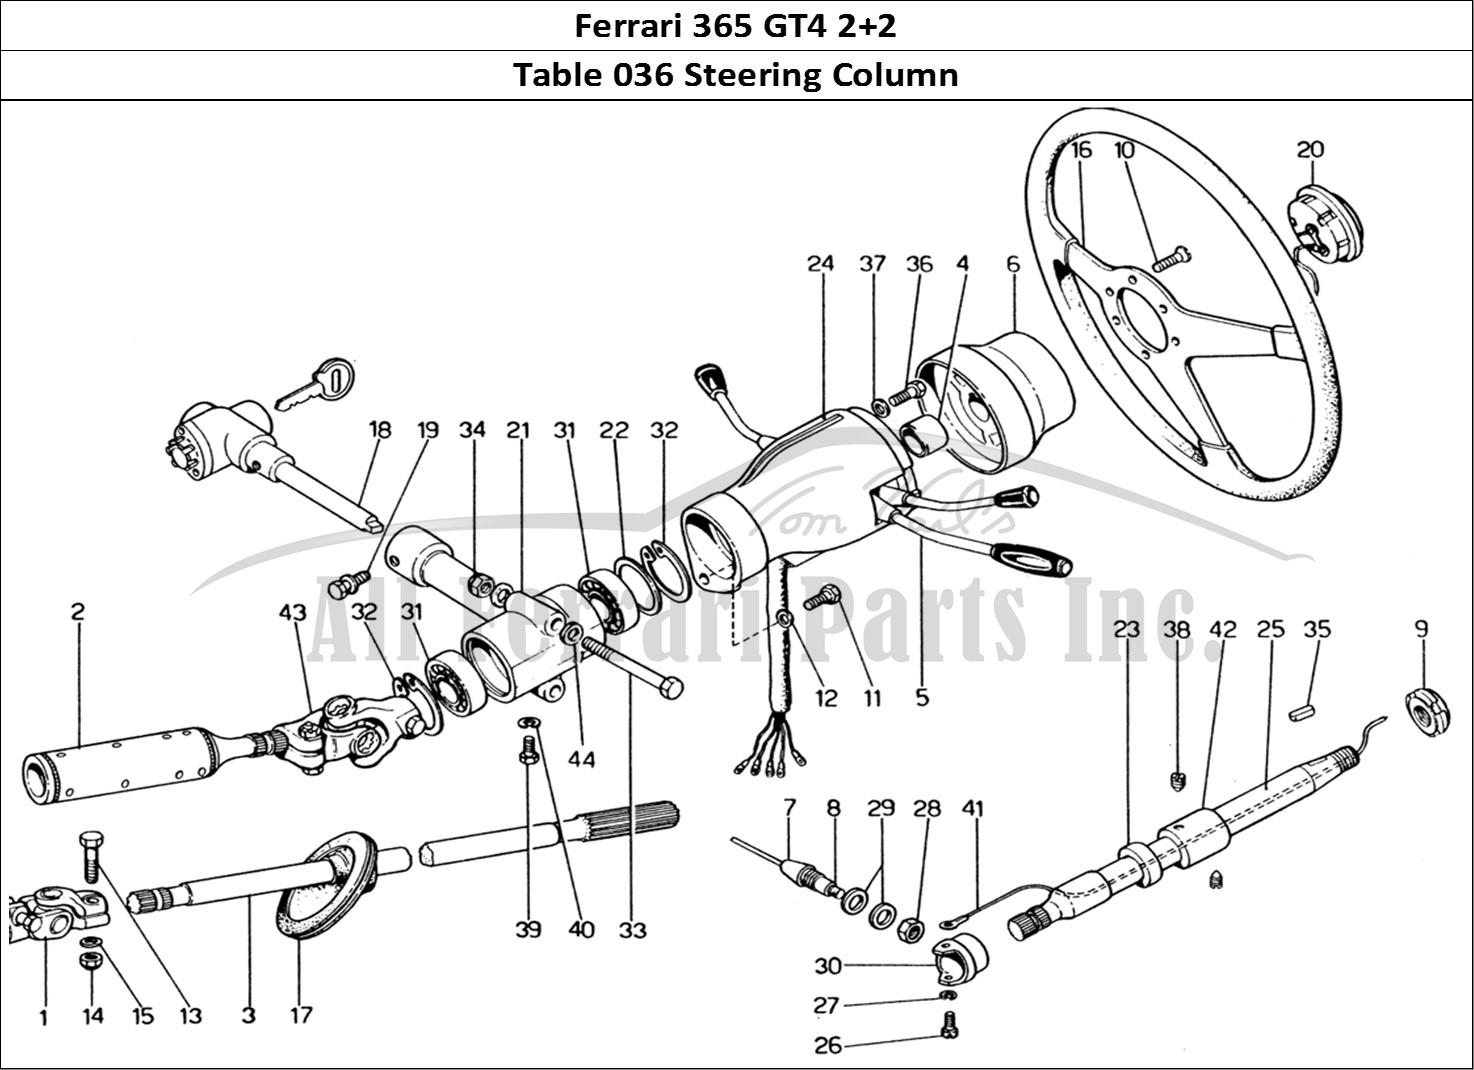 Buy Original Ferrari 365 Gt4 2 2 036 Steering Column Ferrari Parts Spares Accessories Online